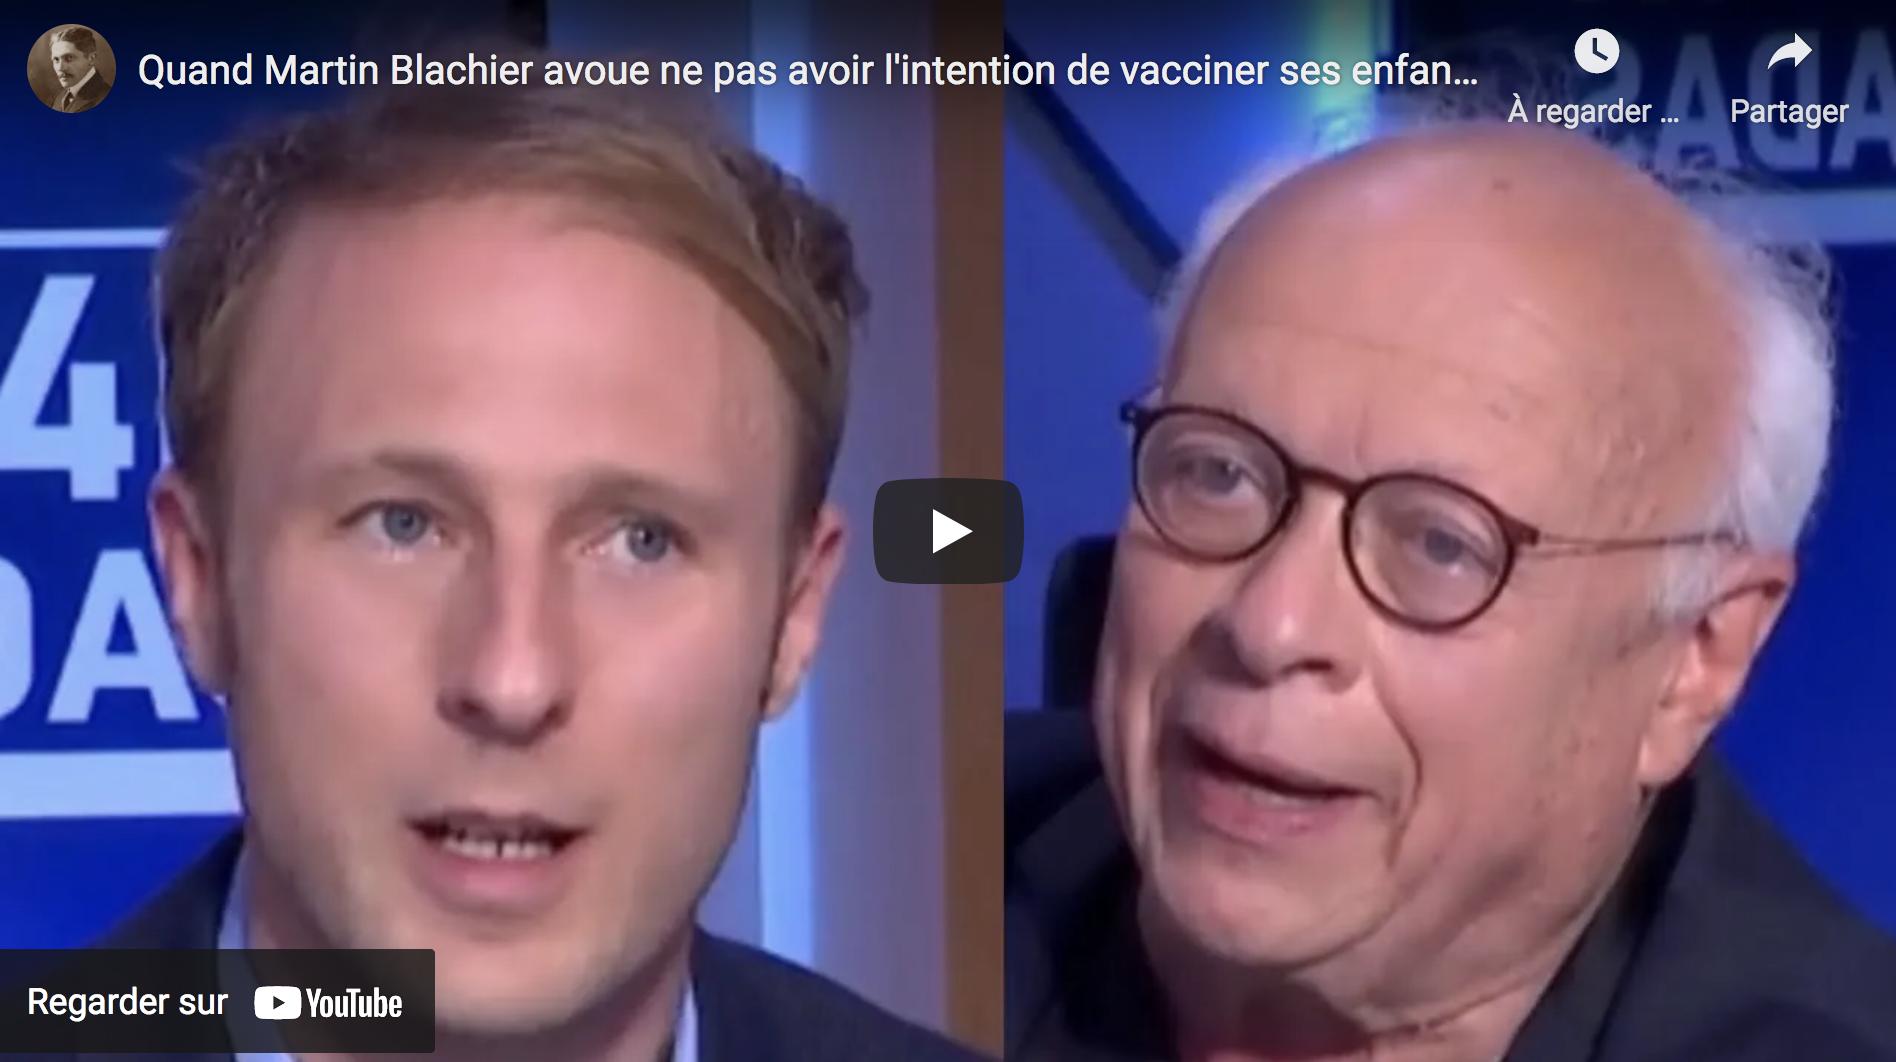 Quand le Dr Martin Blachier avoue ne pas avoir l'intention de vacciner ses enfants face à André Bercoff ! (VIDÉO)